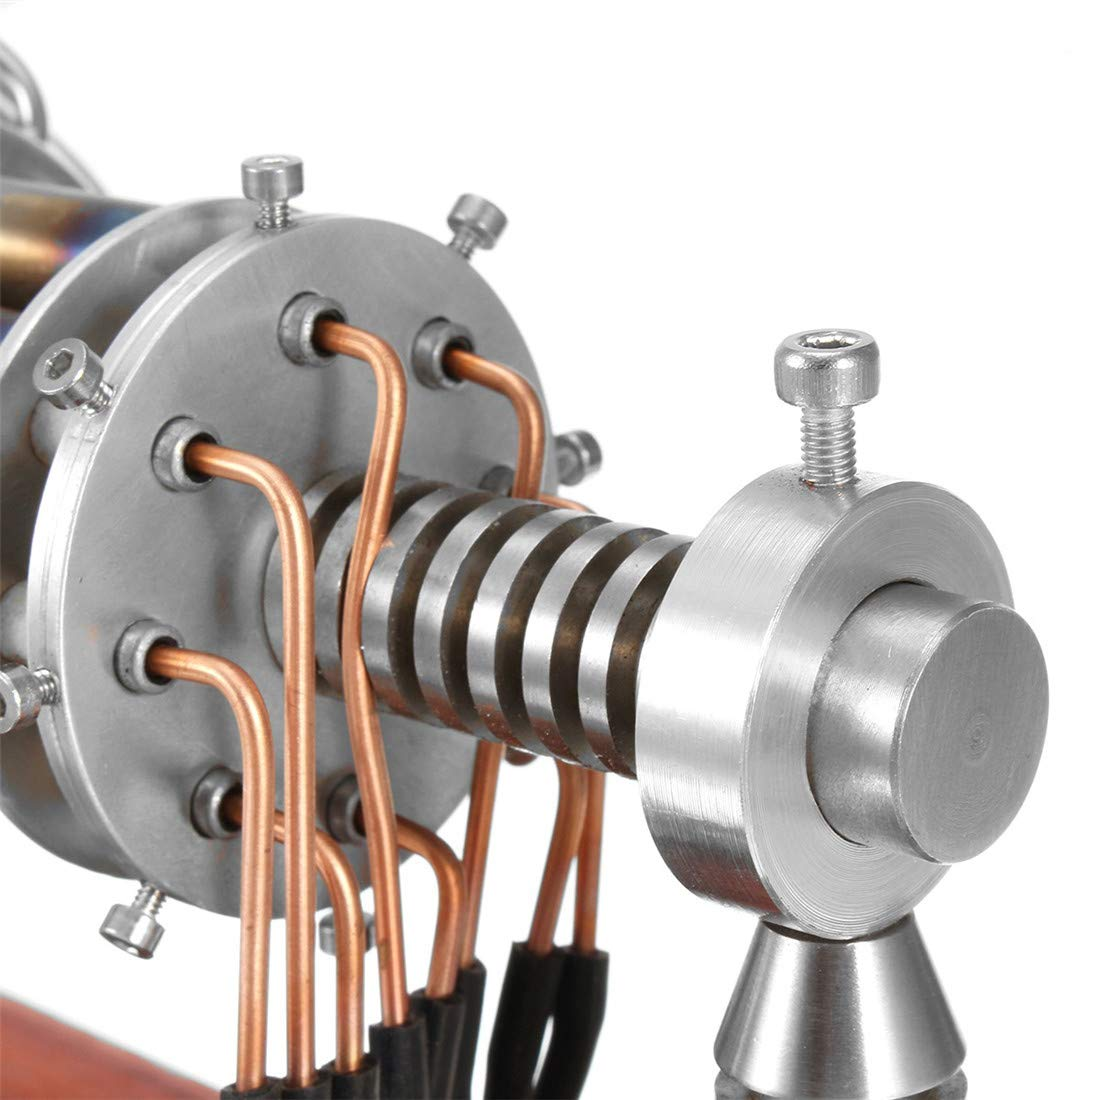 Niedertemperatur Niedertemperatur Niedertemperatur Stirlingmotor HeißLuft Stirling Engine Model Pädagogisches Spielzeug Kinder Und Technikbegeisterte a3f79a